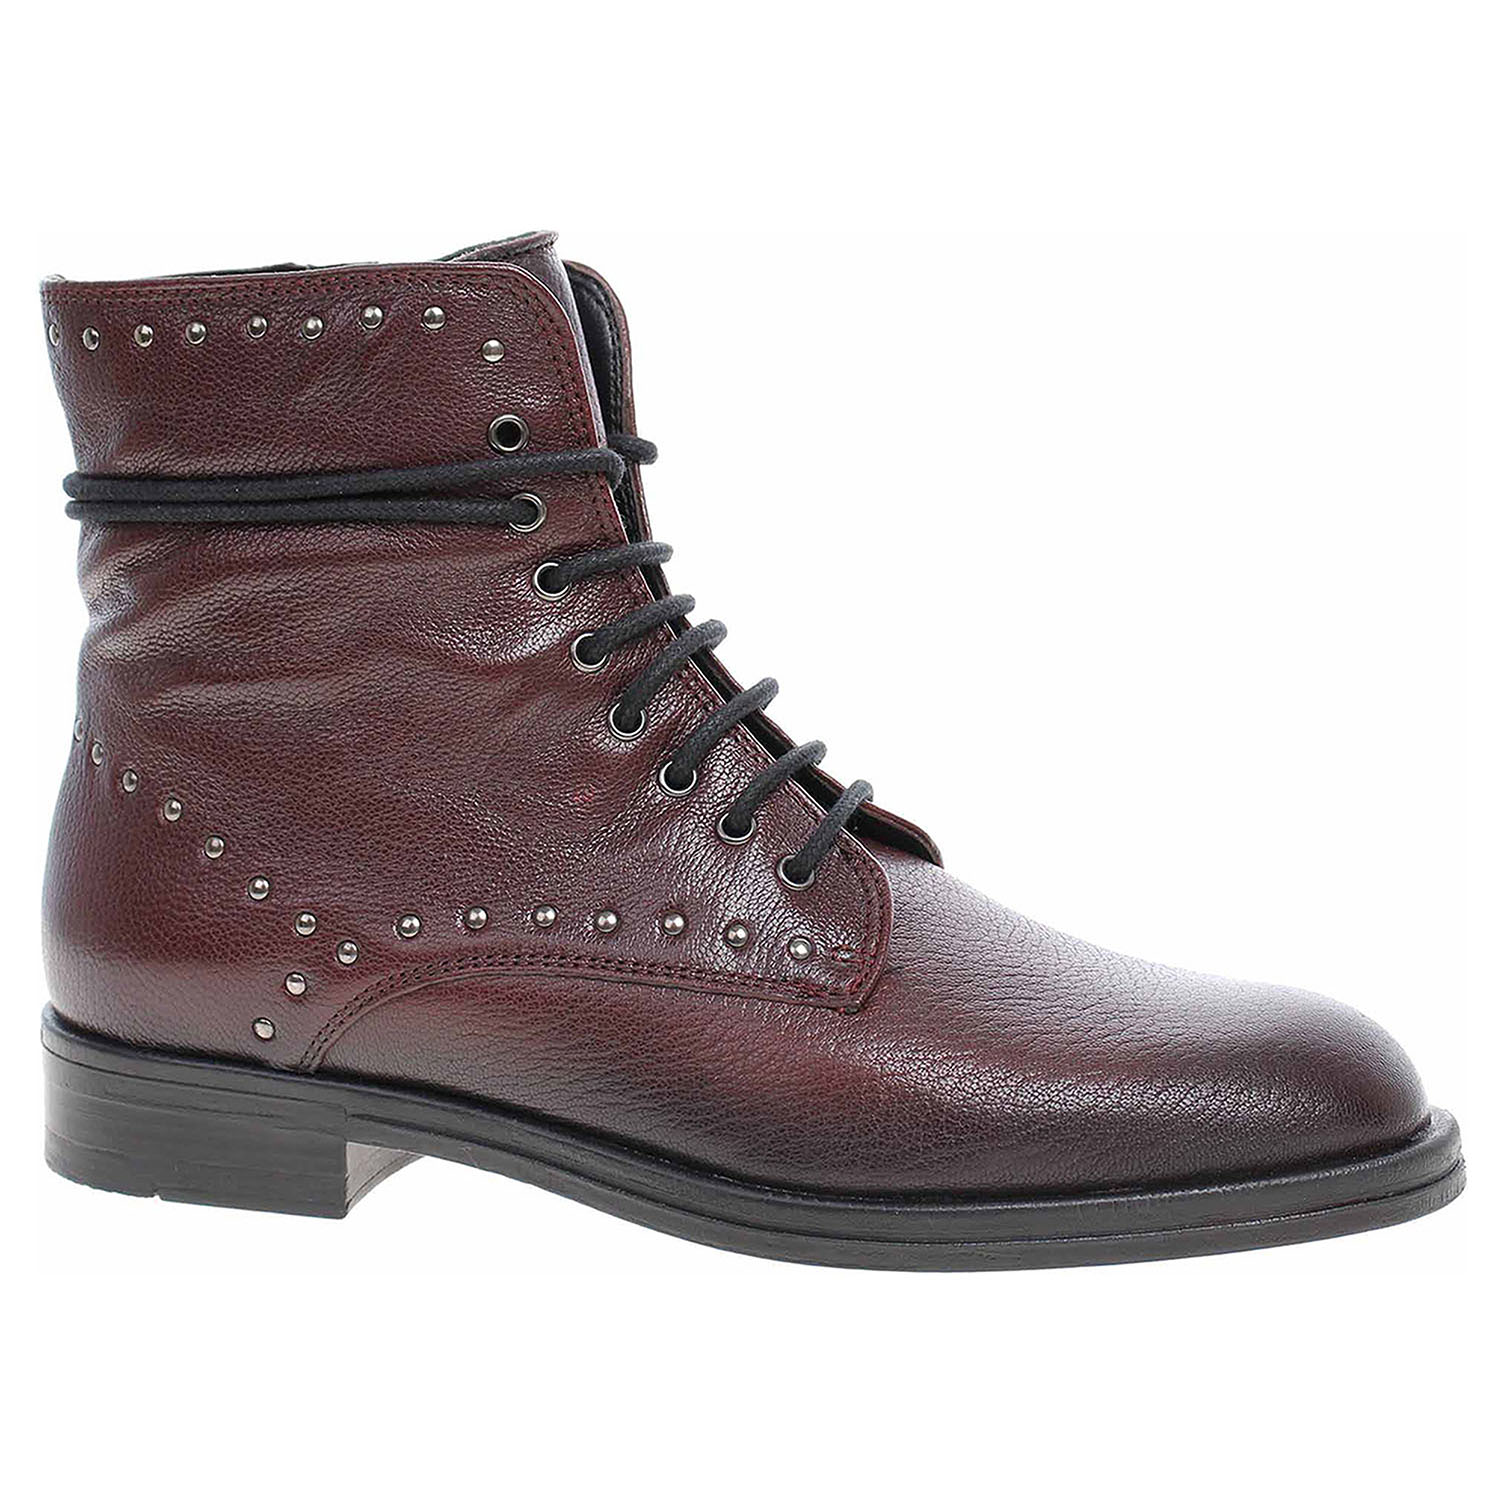 a6dd5ce6b1 Ecco Dámská kotníková obuv Tamaris 1-25157-31 bordeaux 22400671